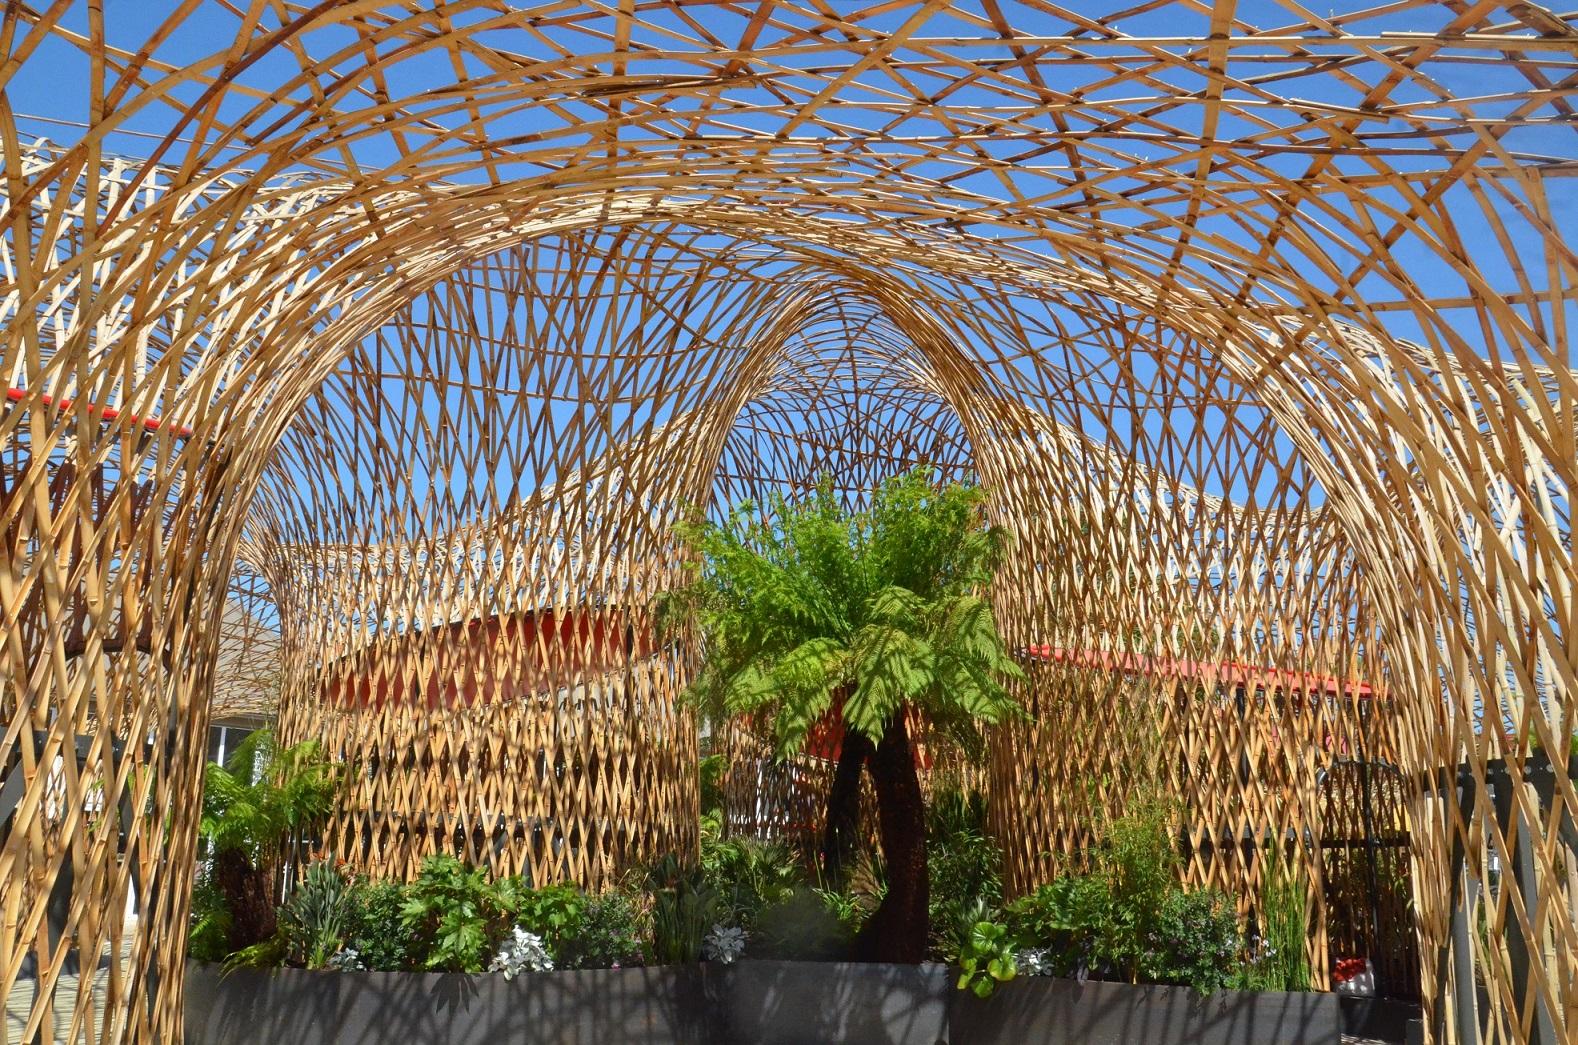 Terra Botanica L Oasis - nouveauté 2020 - strucuture en bambou